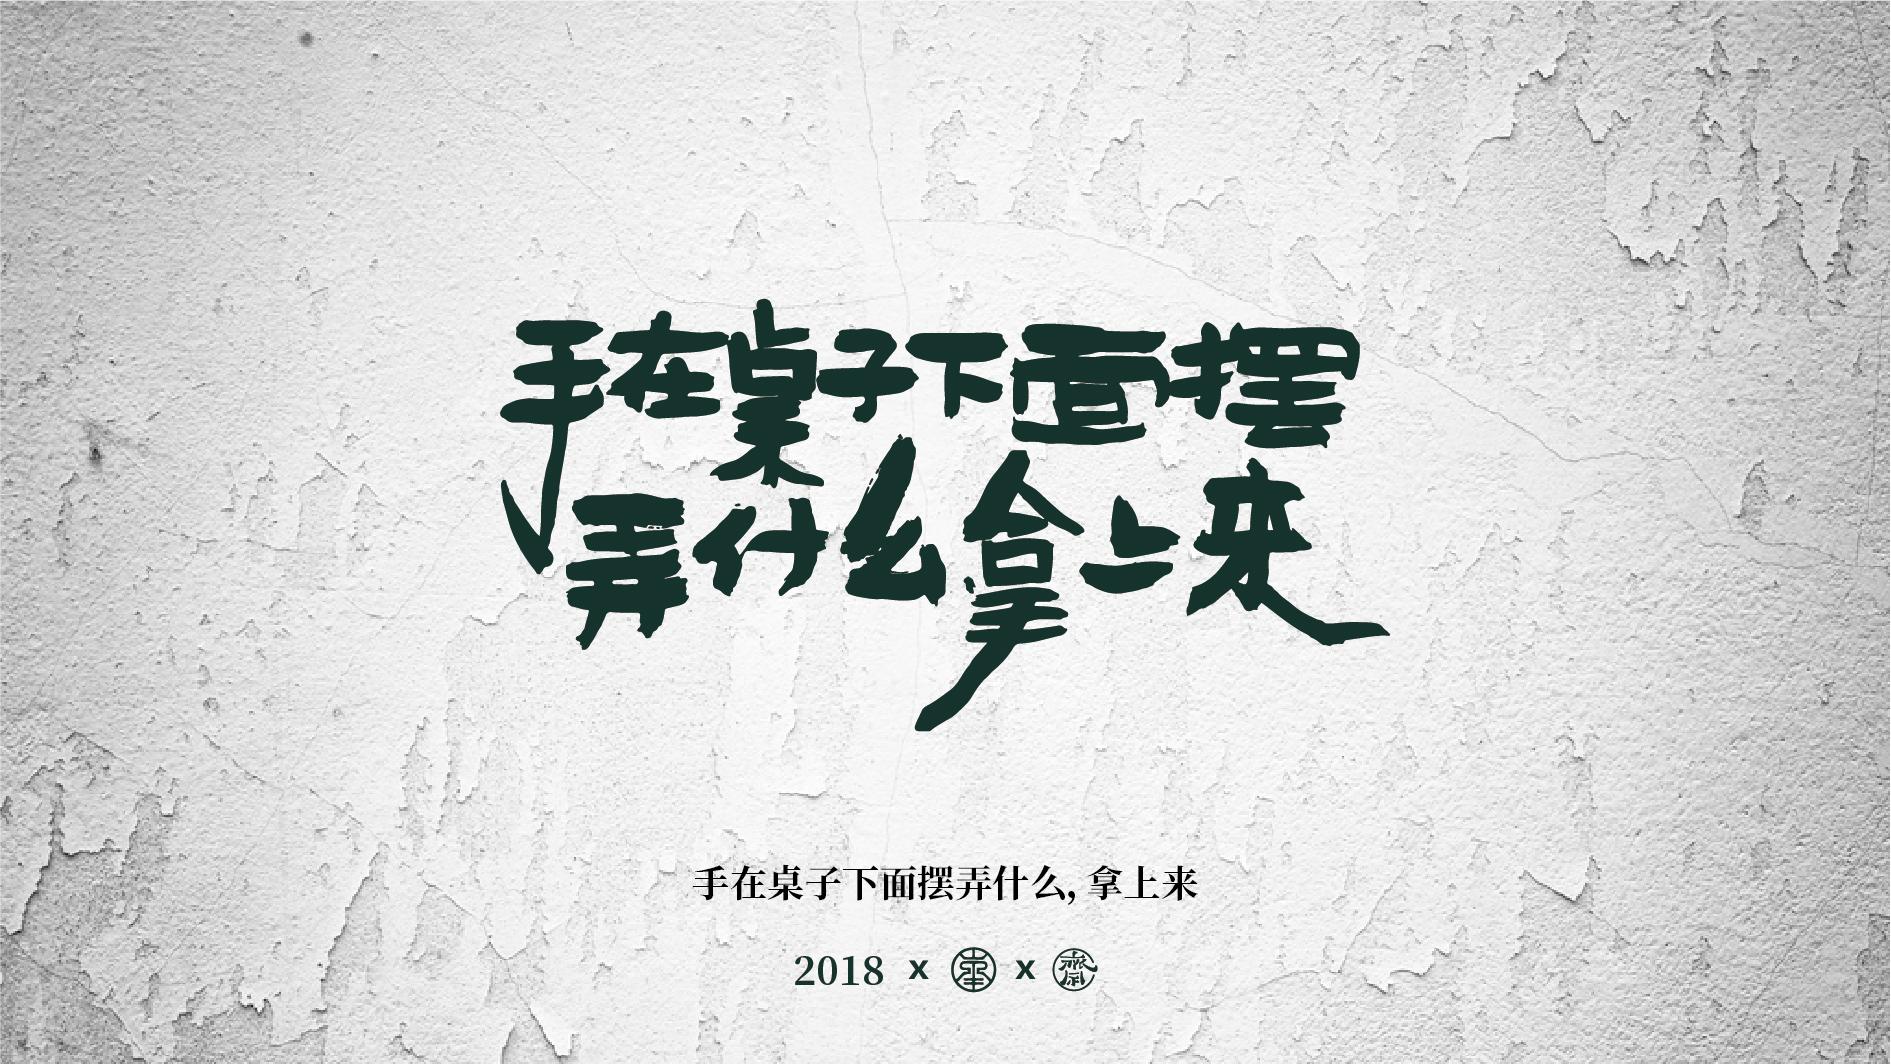 超超大神手写毛笔字第1波 之教师节系列插图(4)